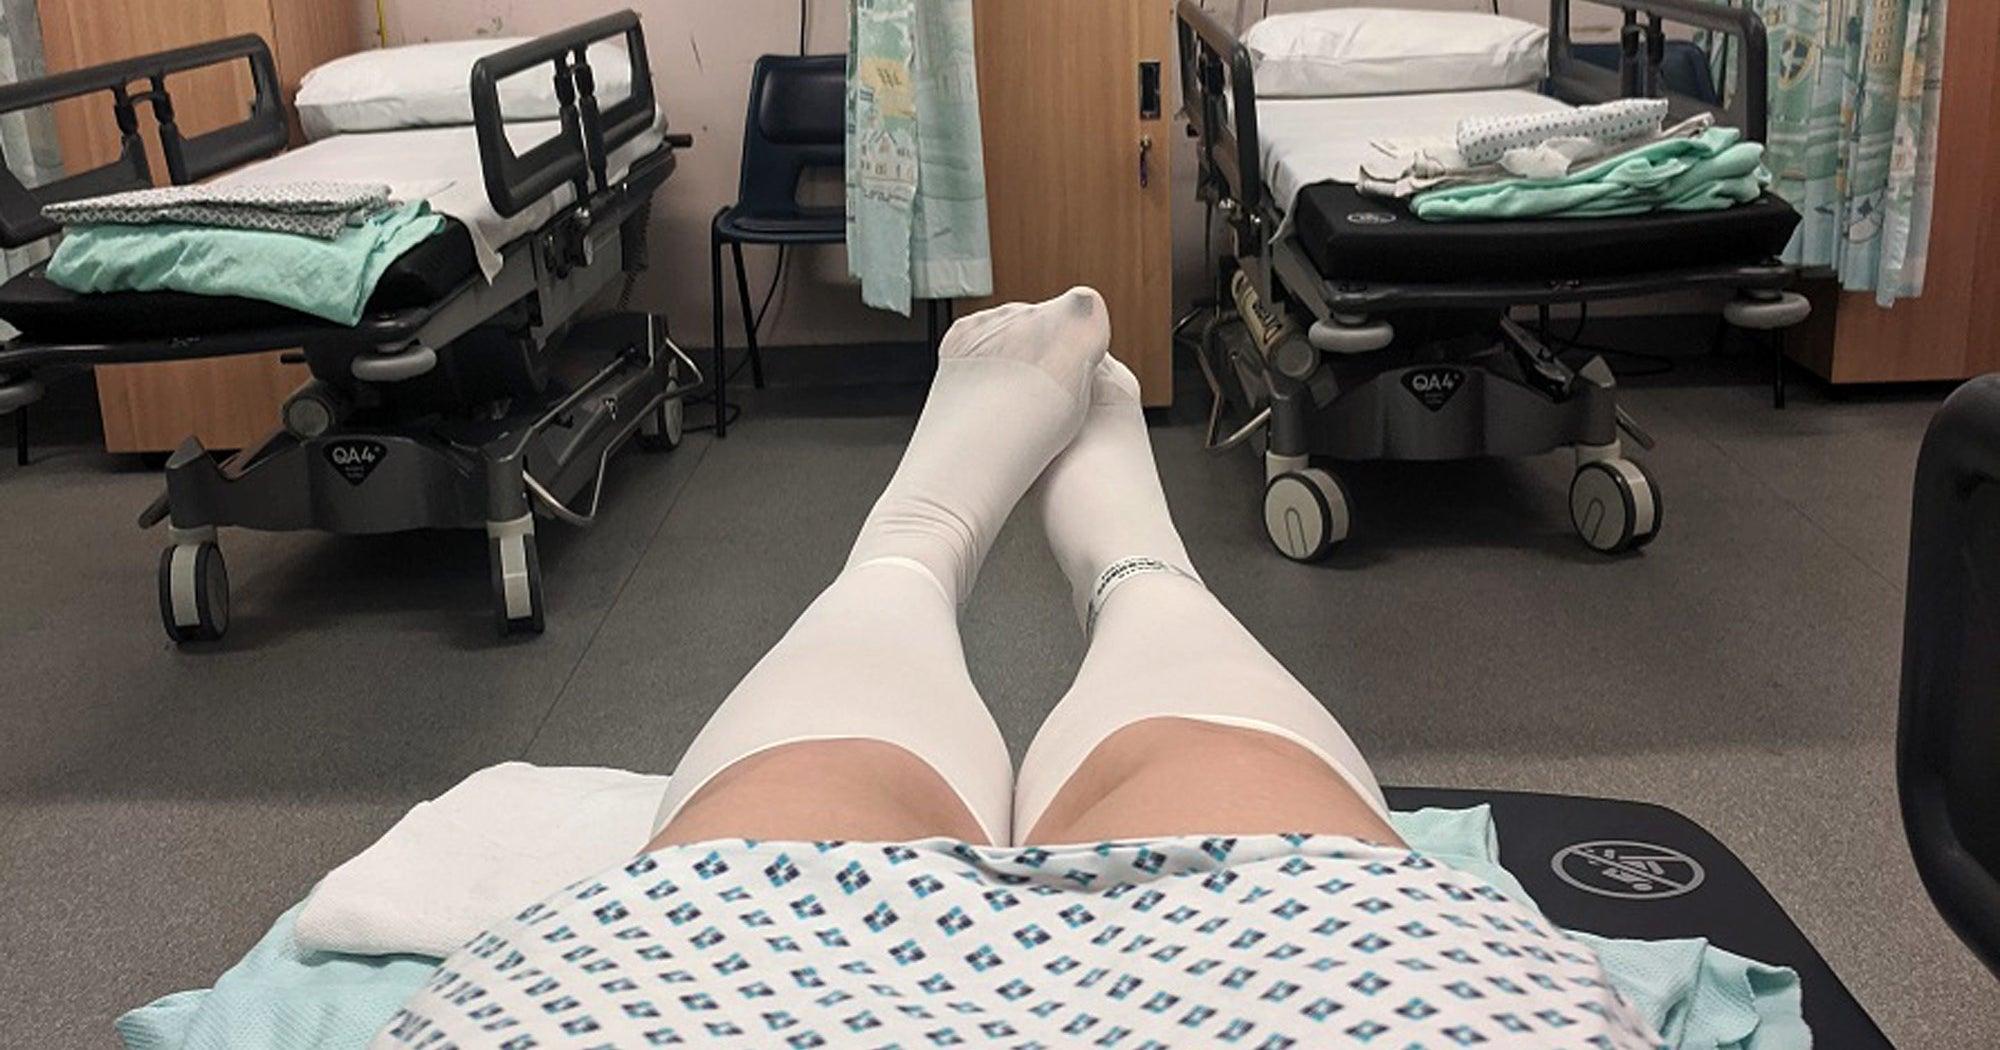 Krankenhaus eierstockentfernung wie lange Hysterektomie, Operation,